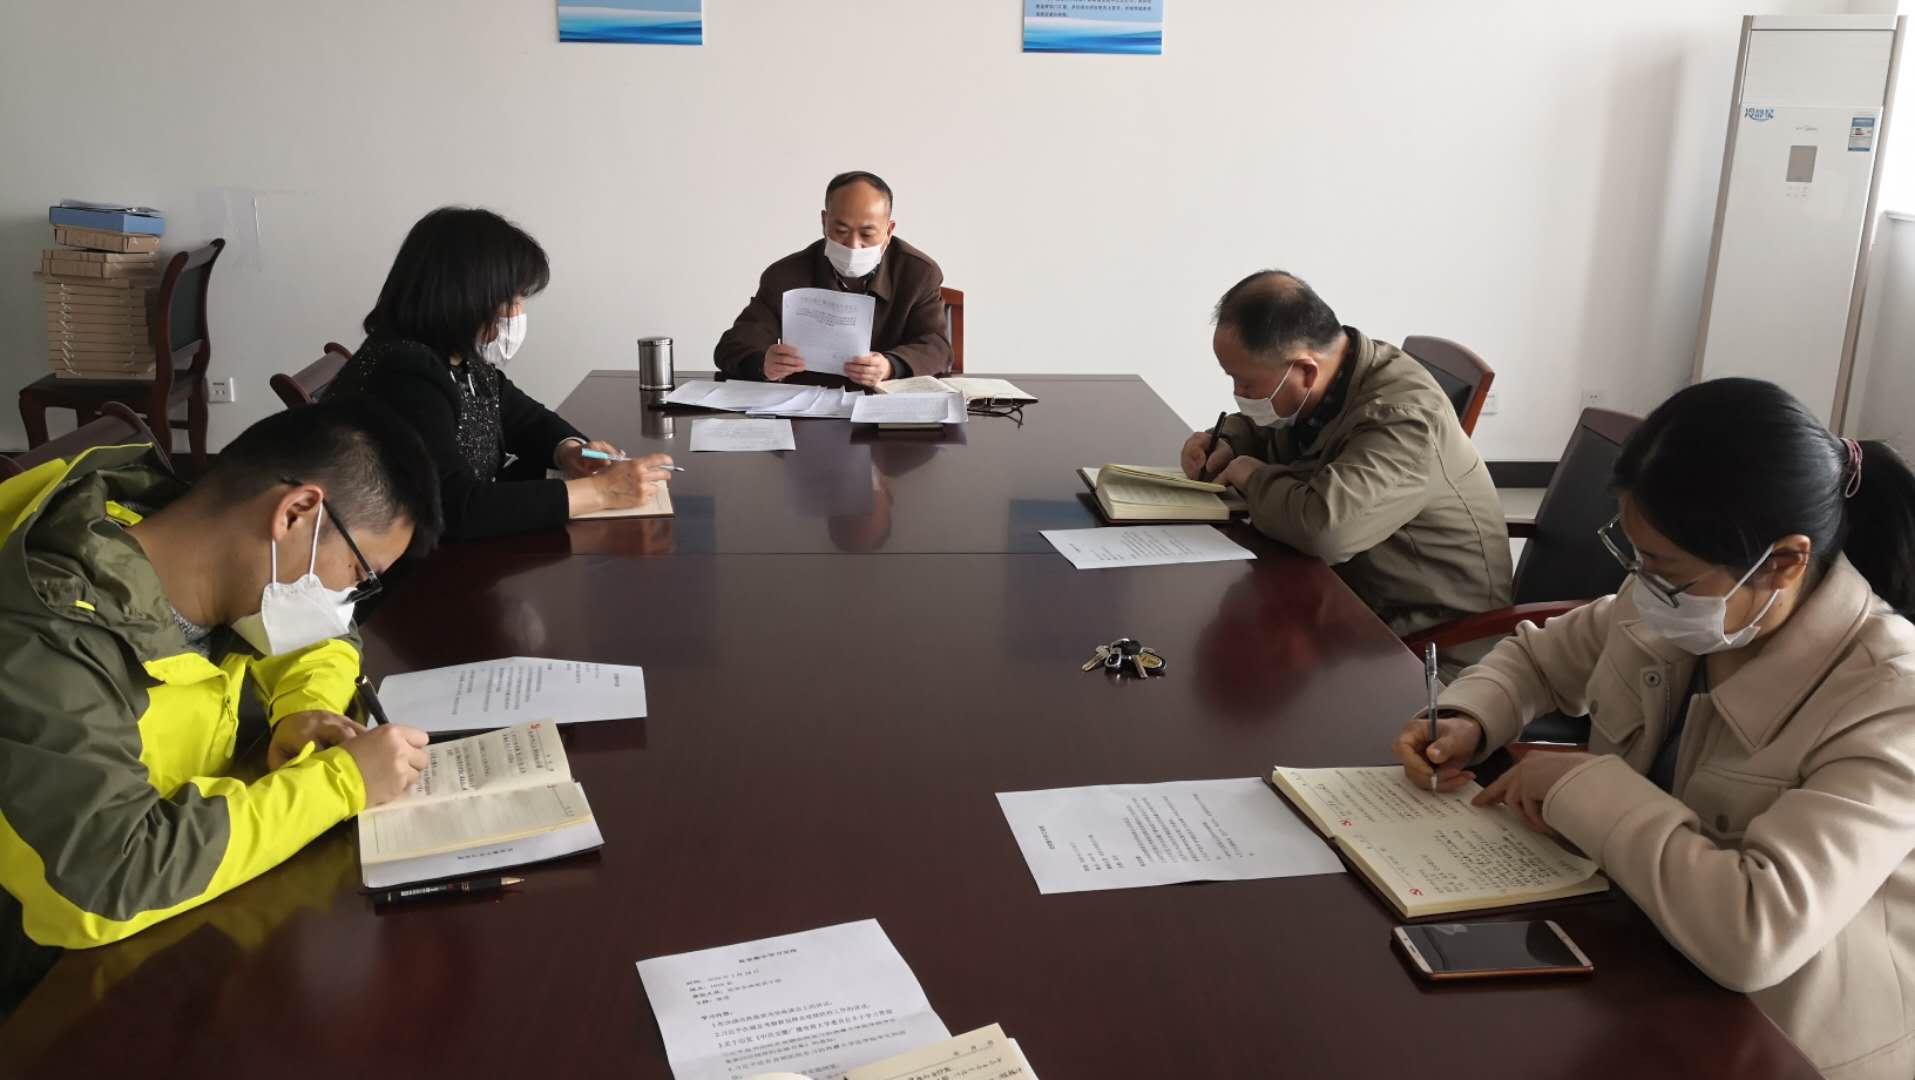 资产管理处组织学习习近平总书记在湖北考察疫情防控工作重要讲话精神